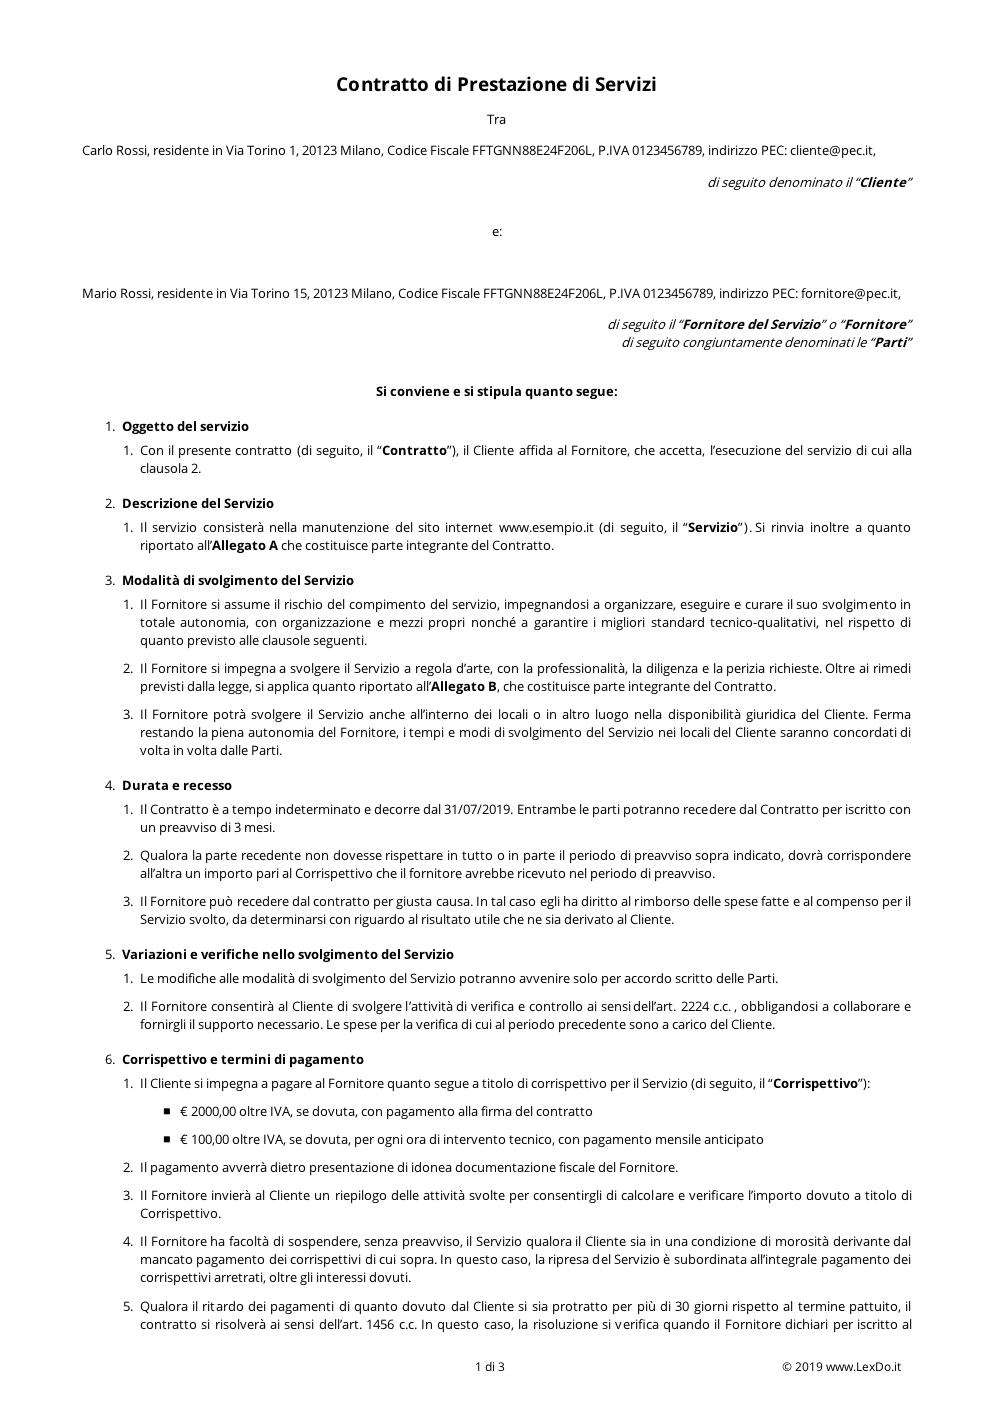 Contratto di Fornitura di Servizio Continuativo modello